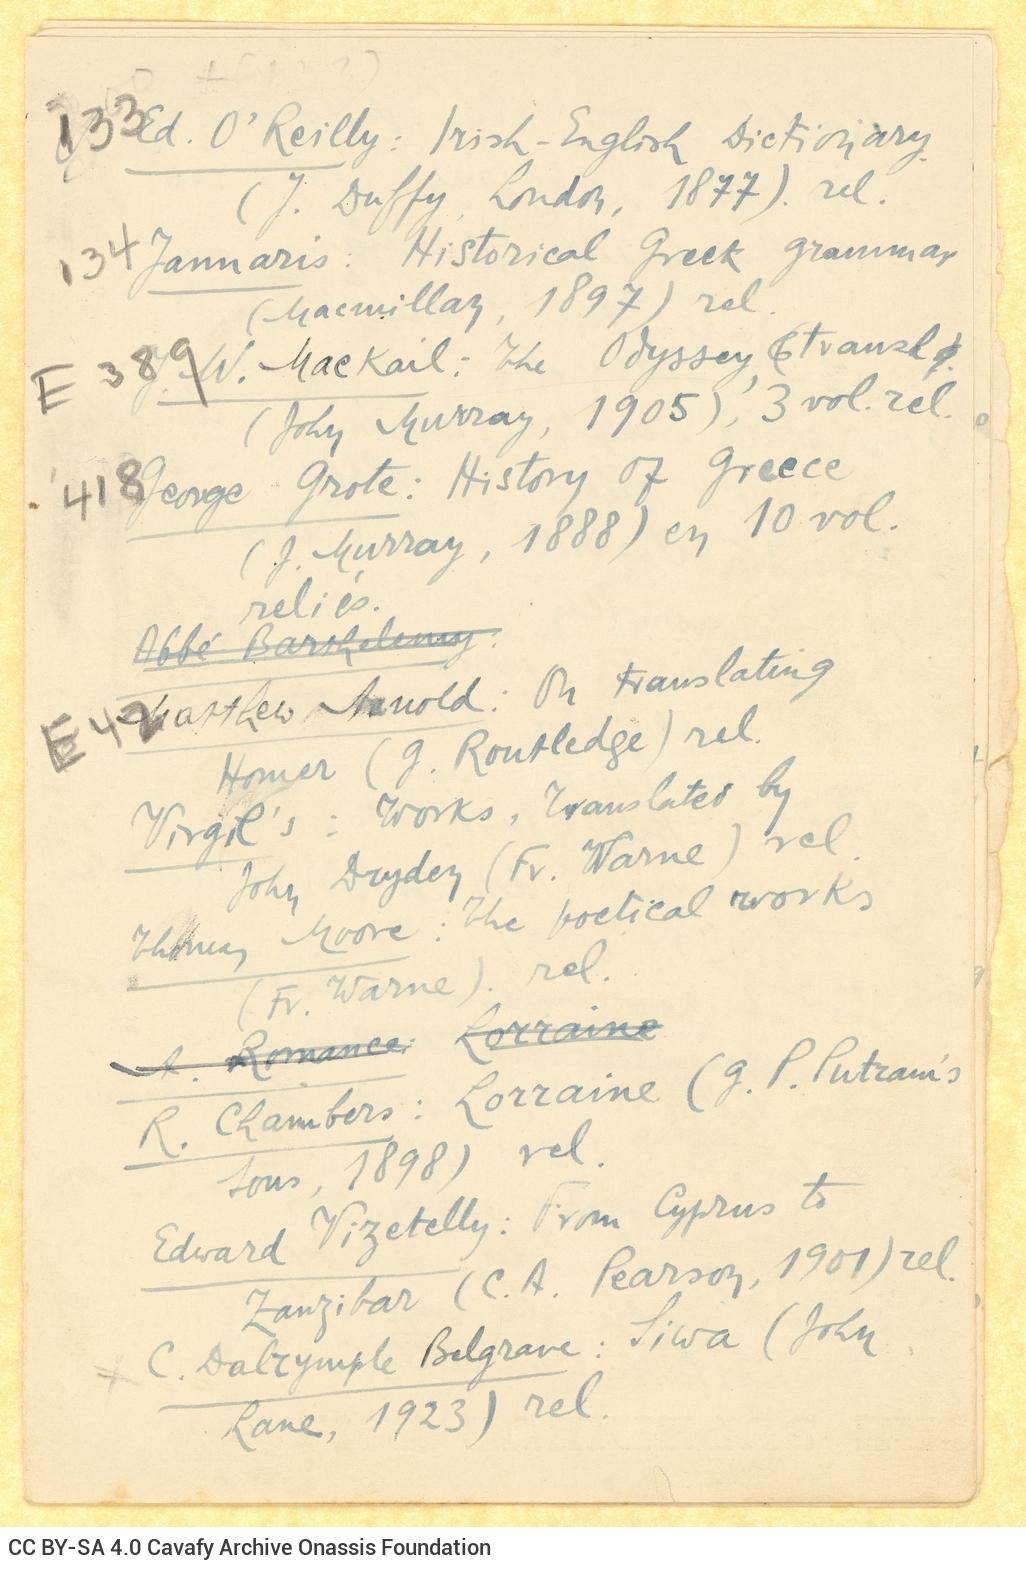 Χειρόγραφος κατάλογος βιβλίων και περιοδικών, γραμμένος σε τρία τετ